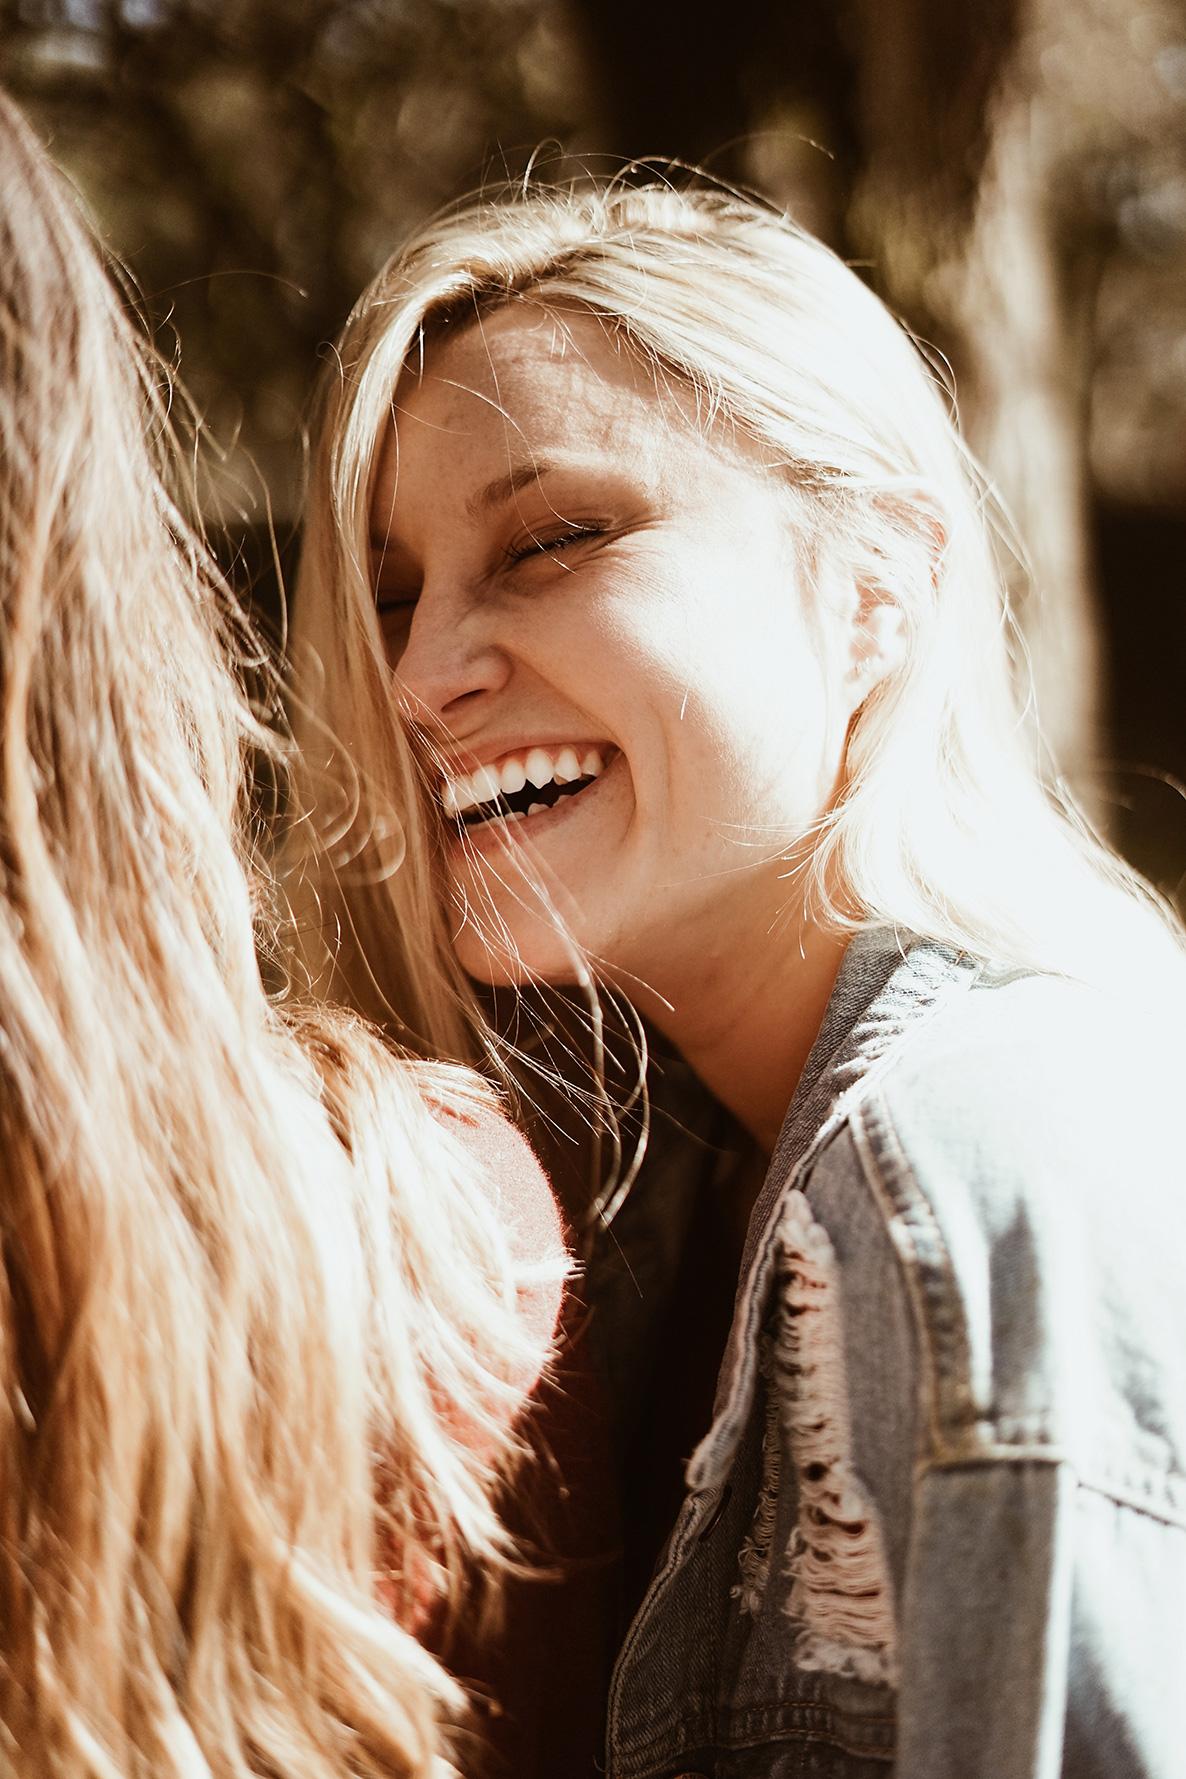 lachende Frau die gesunde Zaehne zeigt